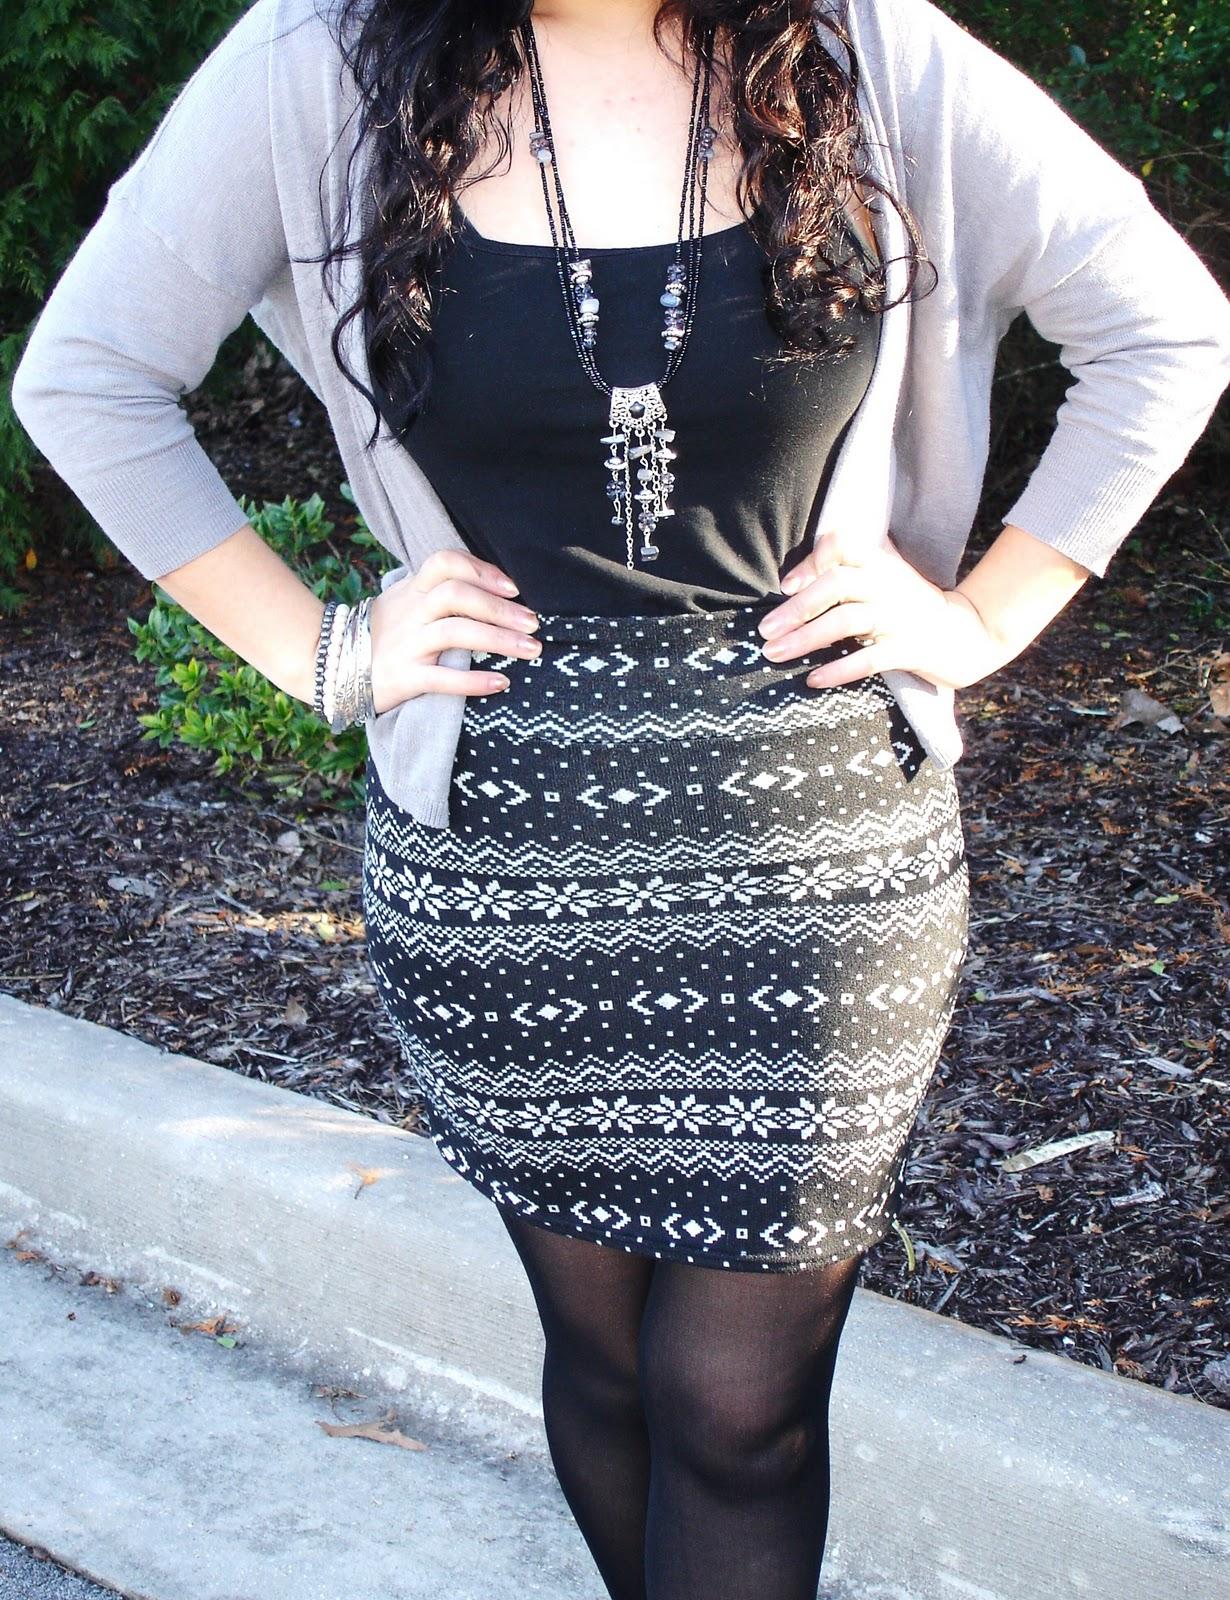 http://4.bp.blogspot.com/-7oauif9-Src/TxdHjHnWMhI/AAAAAAAAAIQ/vUqXRBY7S48/s1600/outfit+black+and+gray+022.JPG